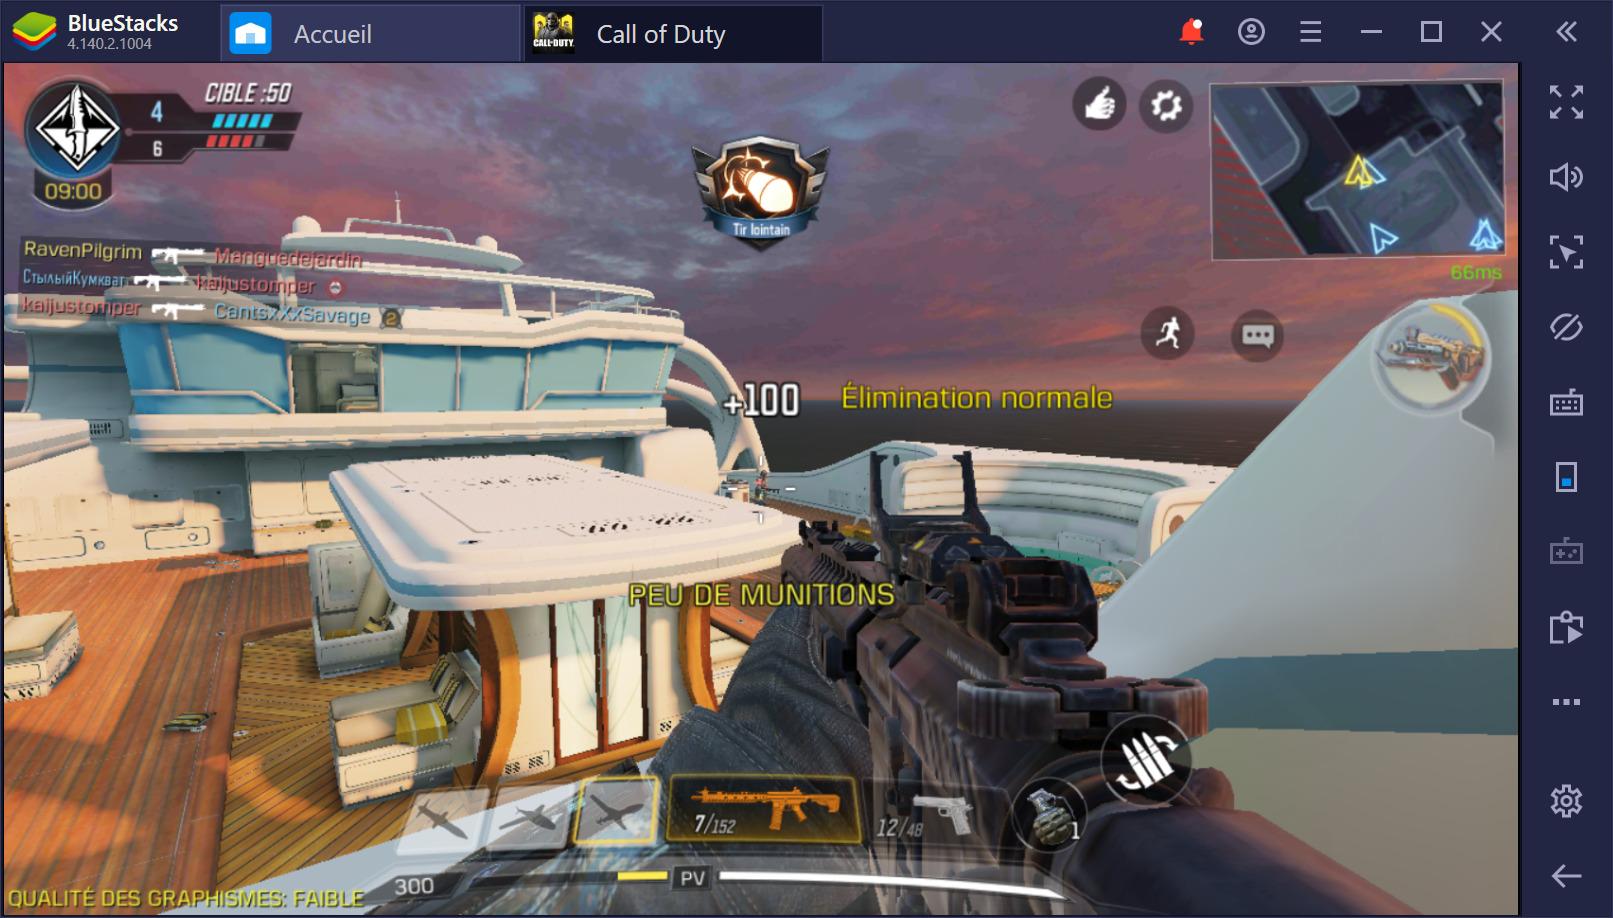 Call of Duty Mobile sur PC – Trucs et astuces pour jouer comme un pro